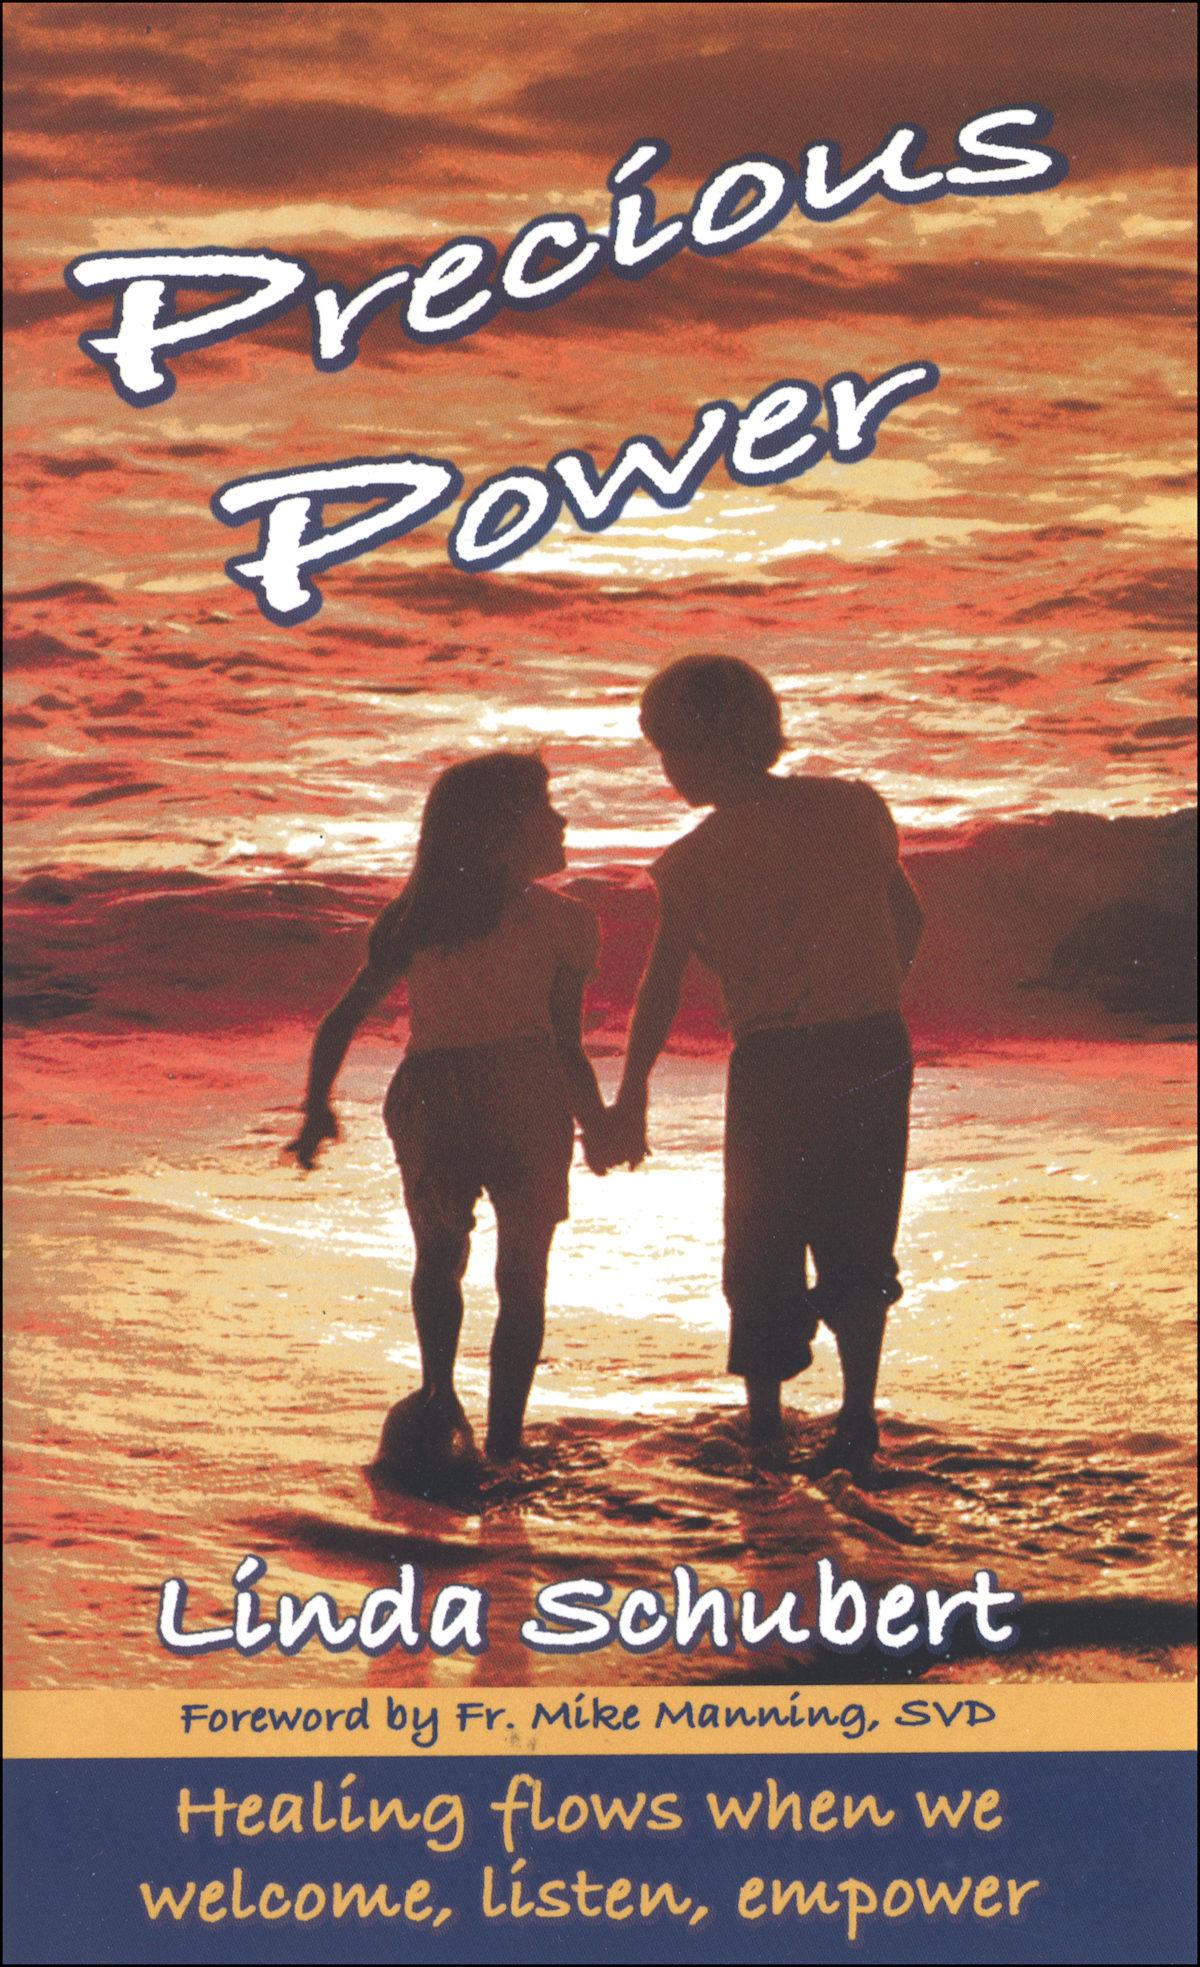 Precious Power, healing flows when we welcome, listen, empower